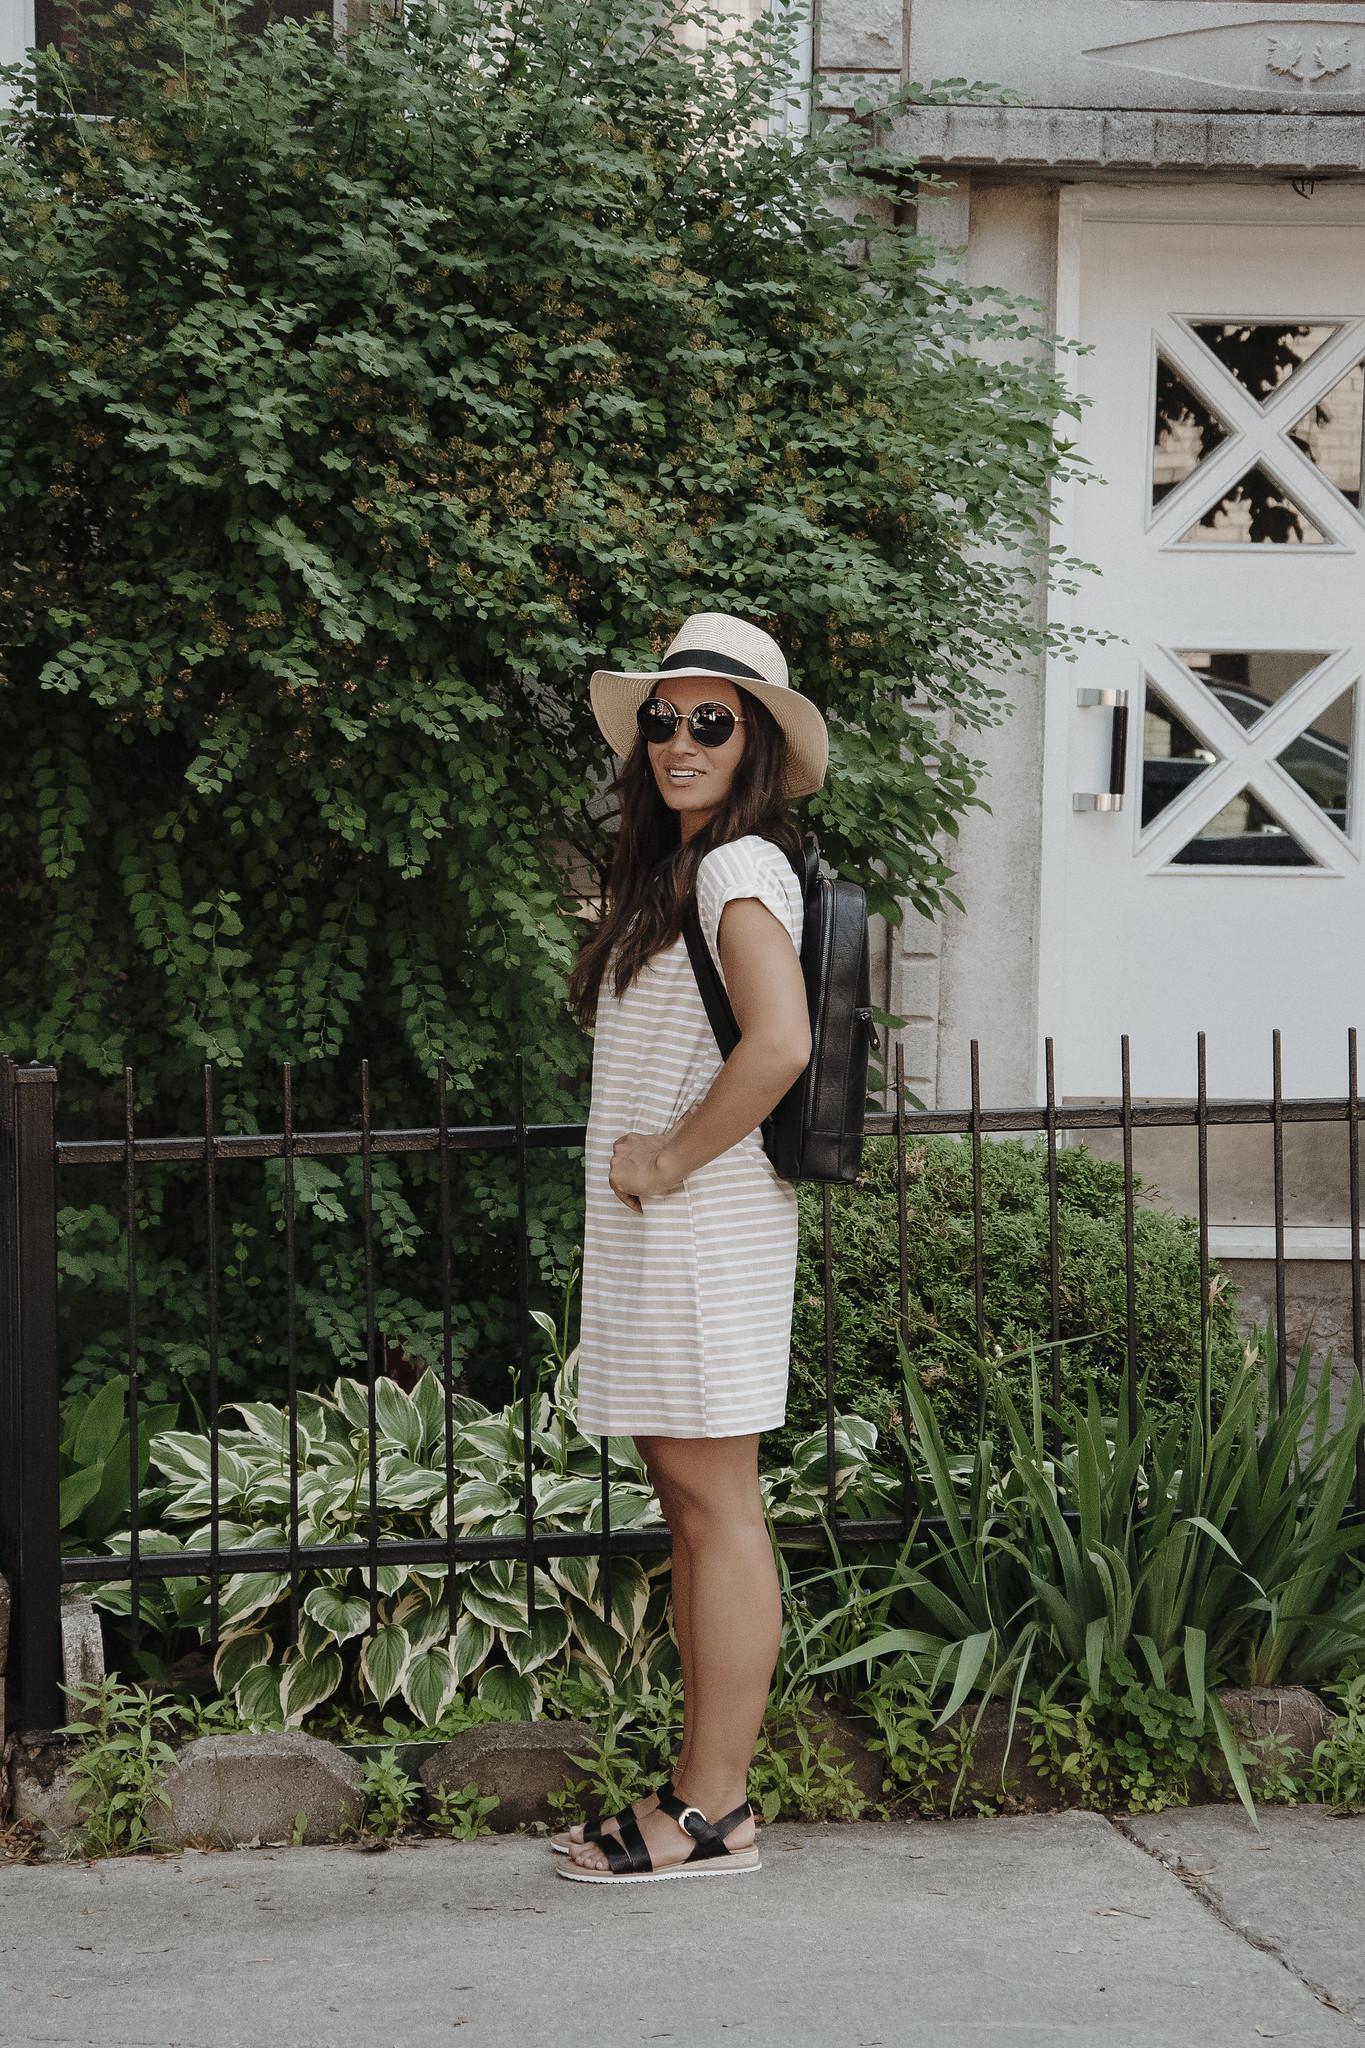 camille dg chapeau lunettes soleil robe lignée